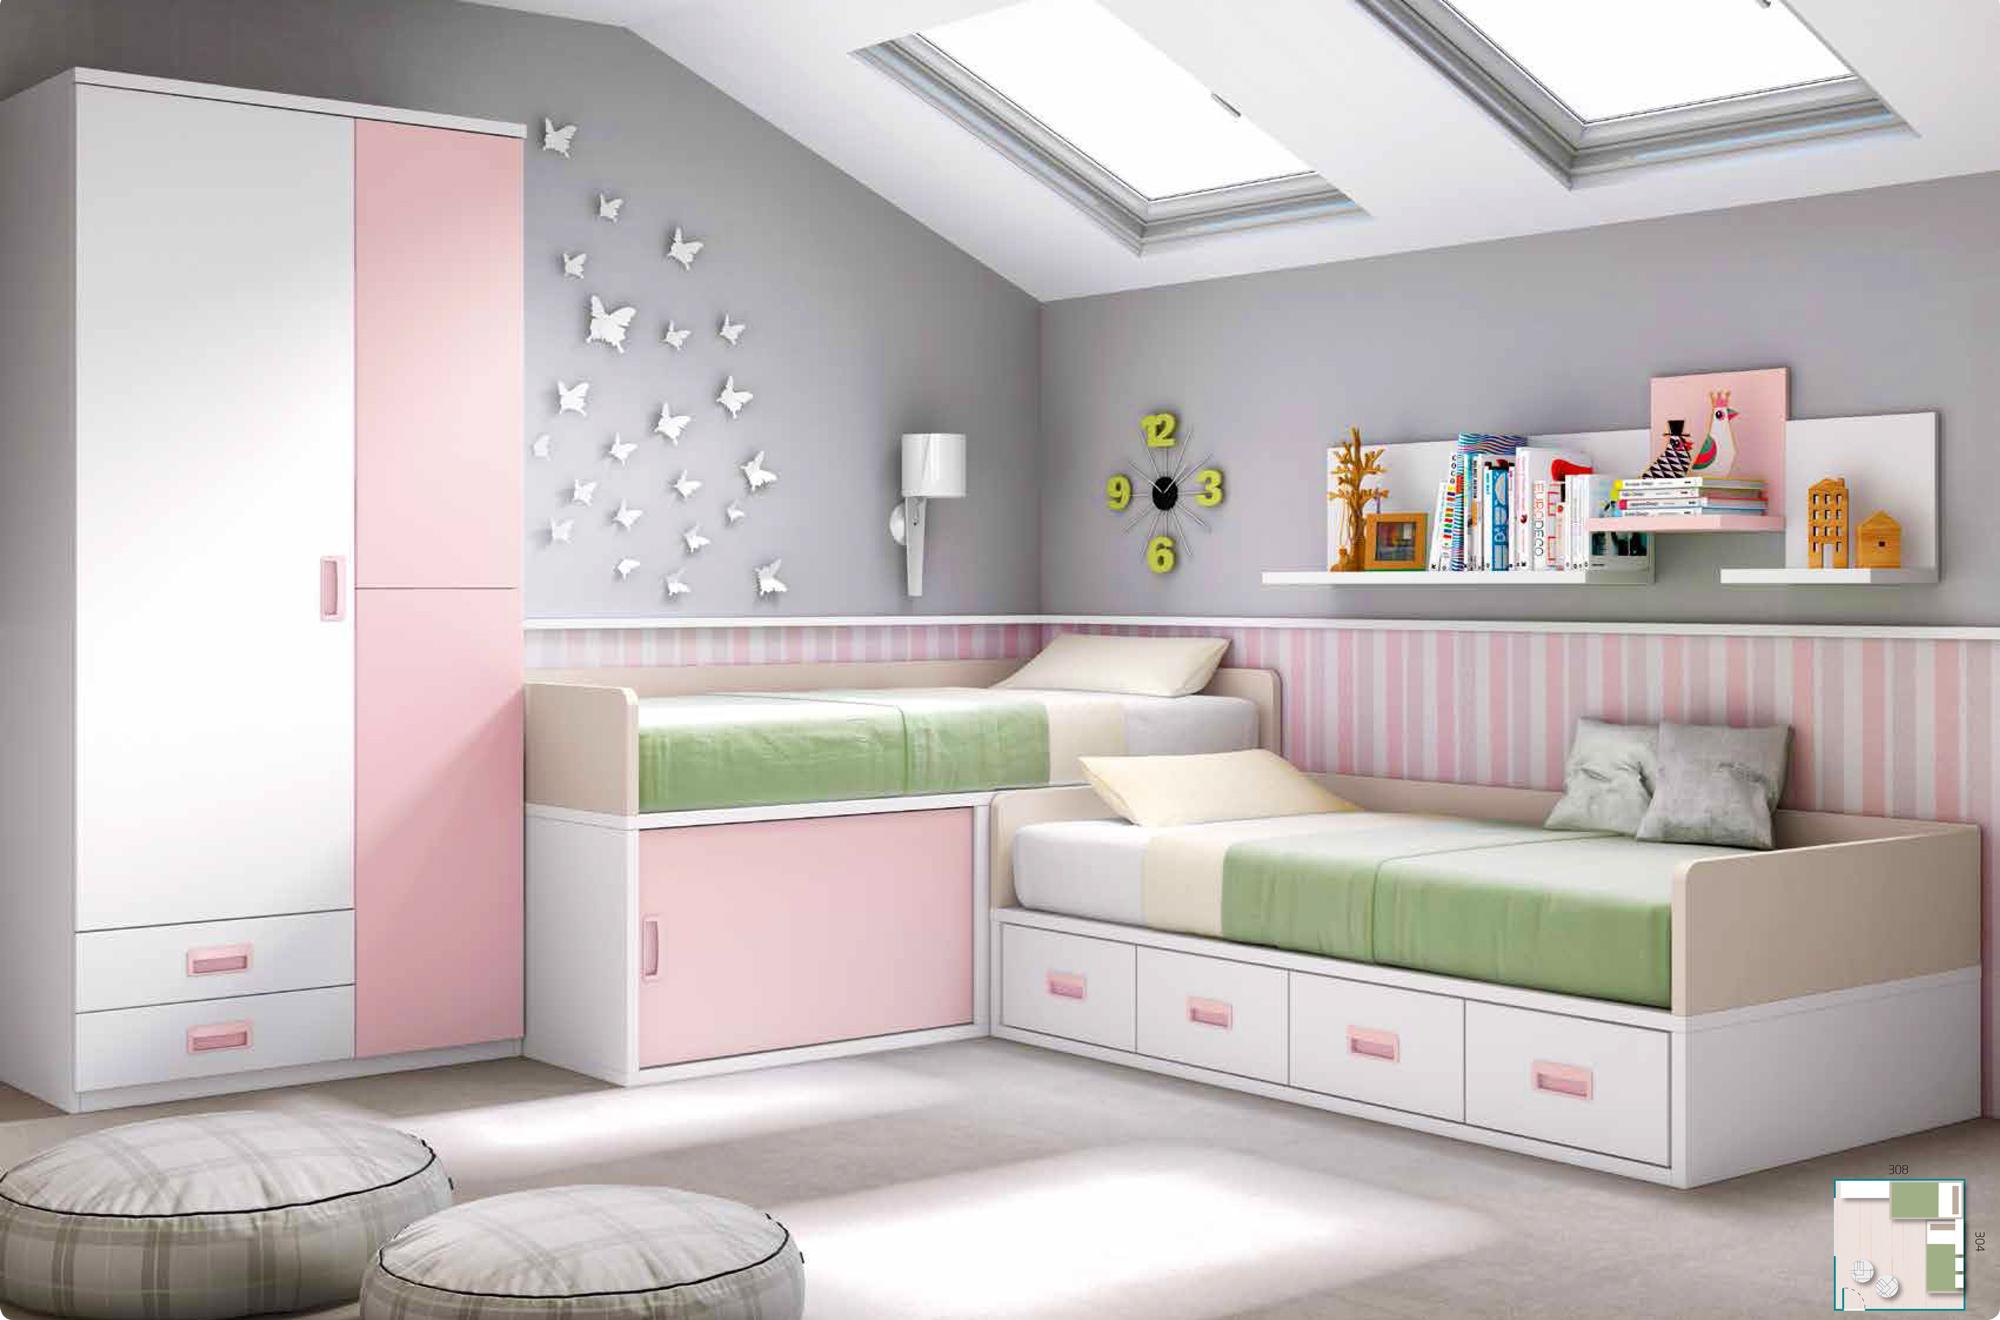 Deco Petite Chambre Enfant une chambre pour deux enfants ? nos meilleurs conseils pour